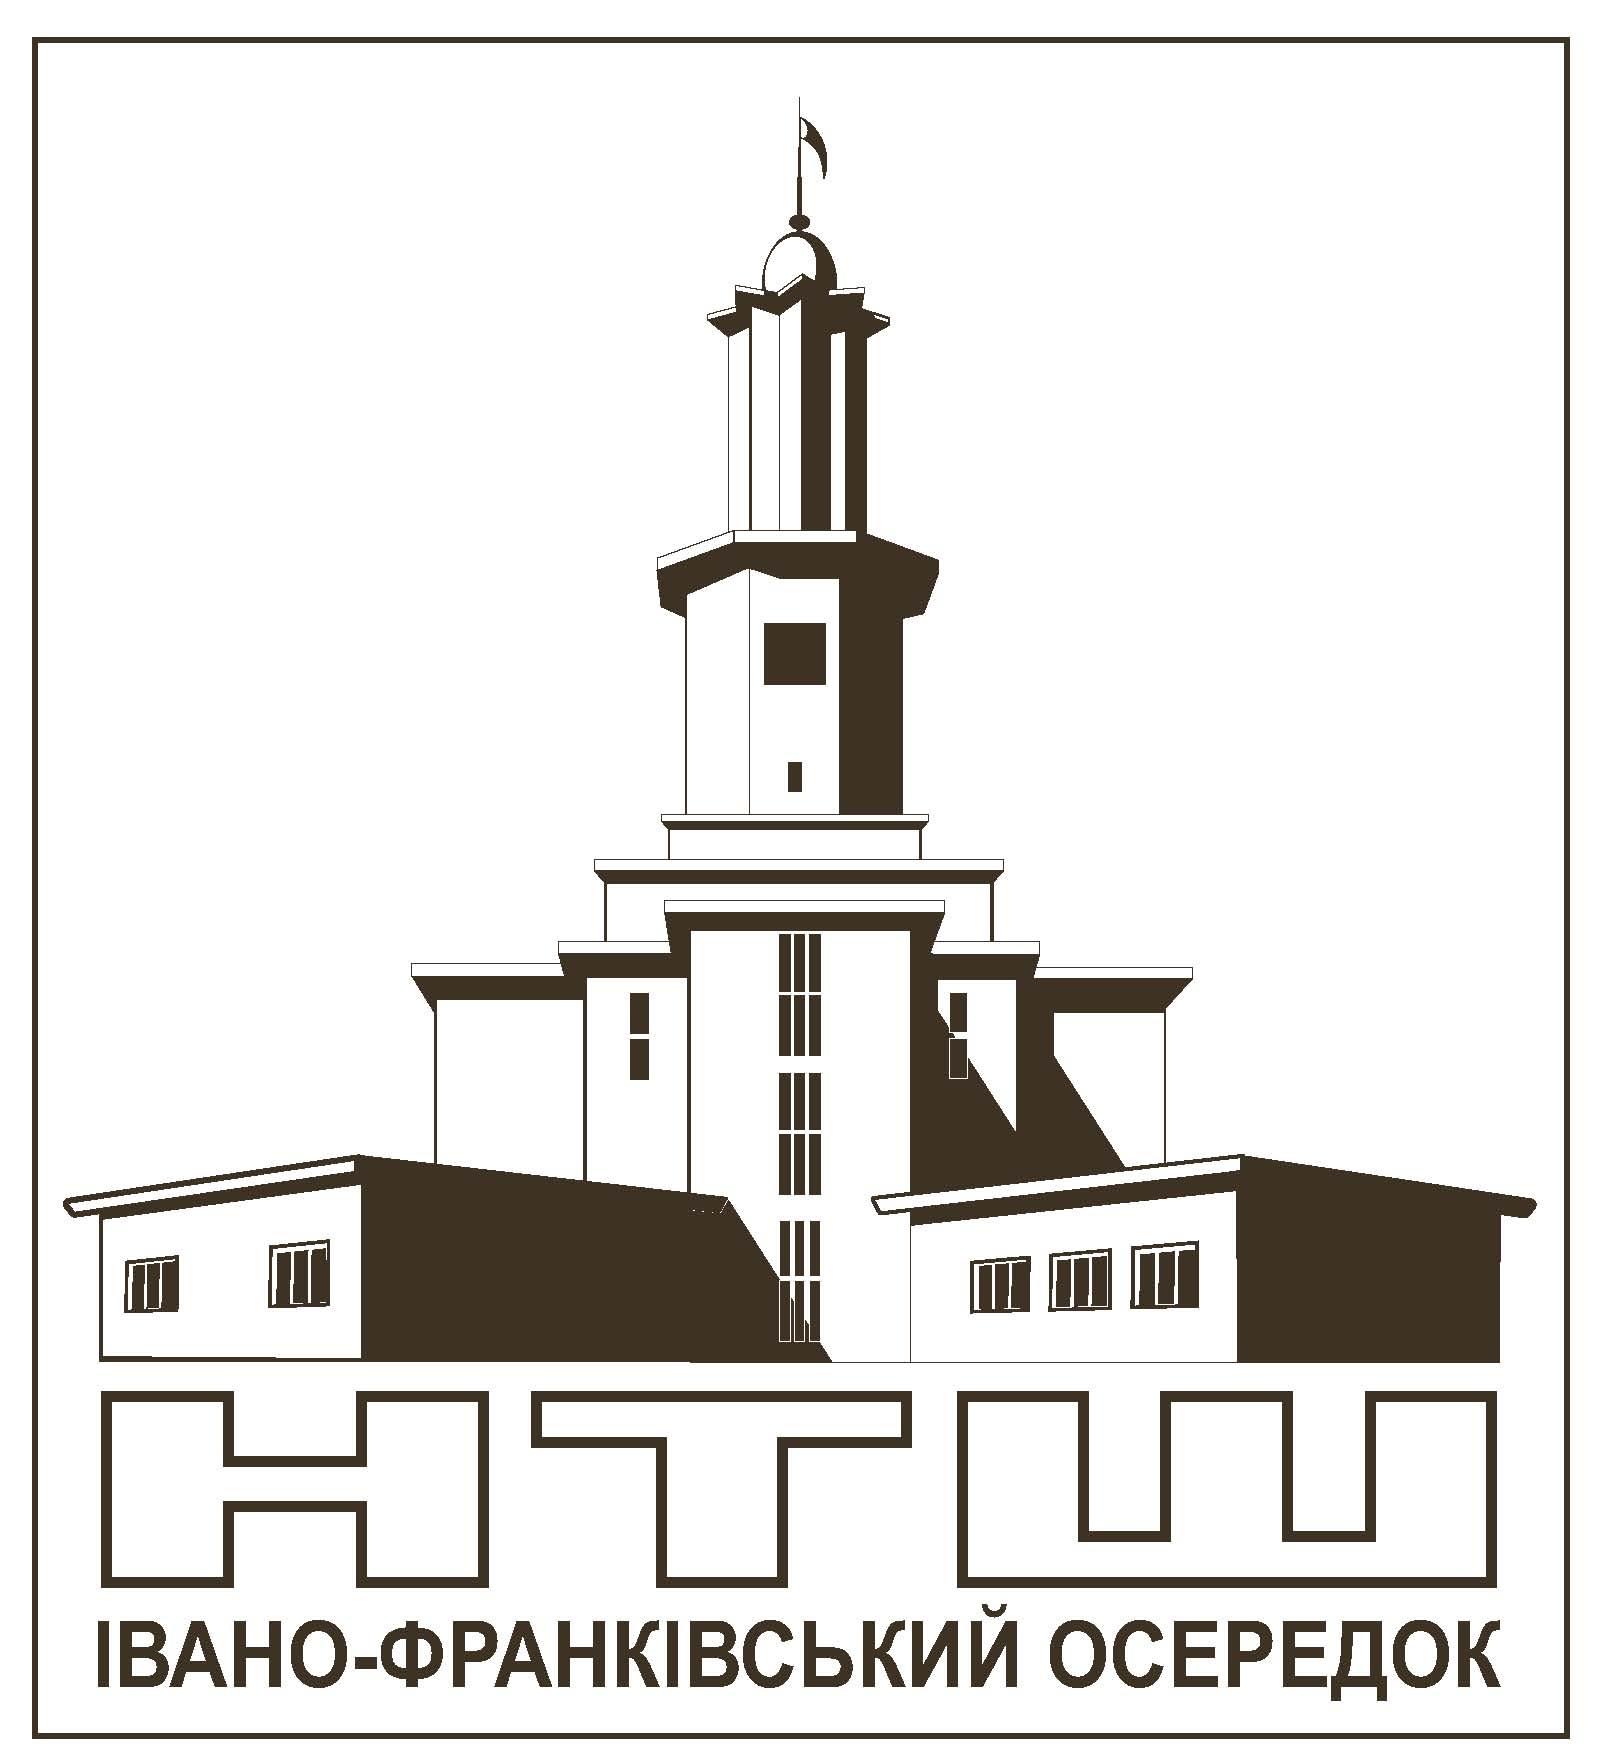 Івано-Франківський осередок Наукового товариства ім. Шевченка